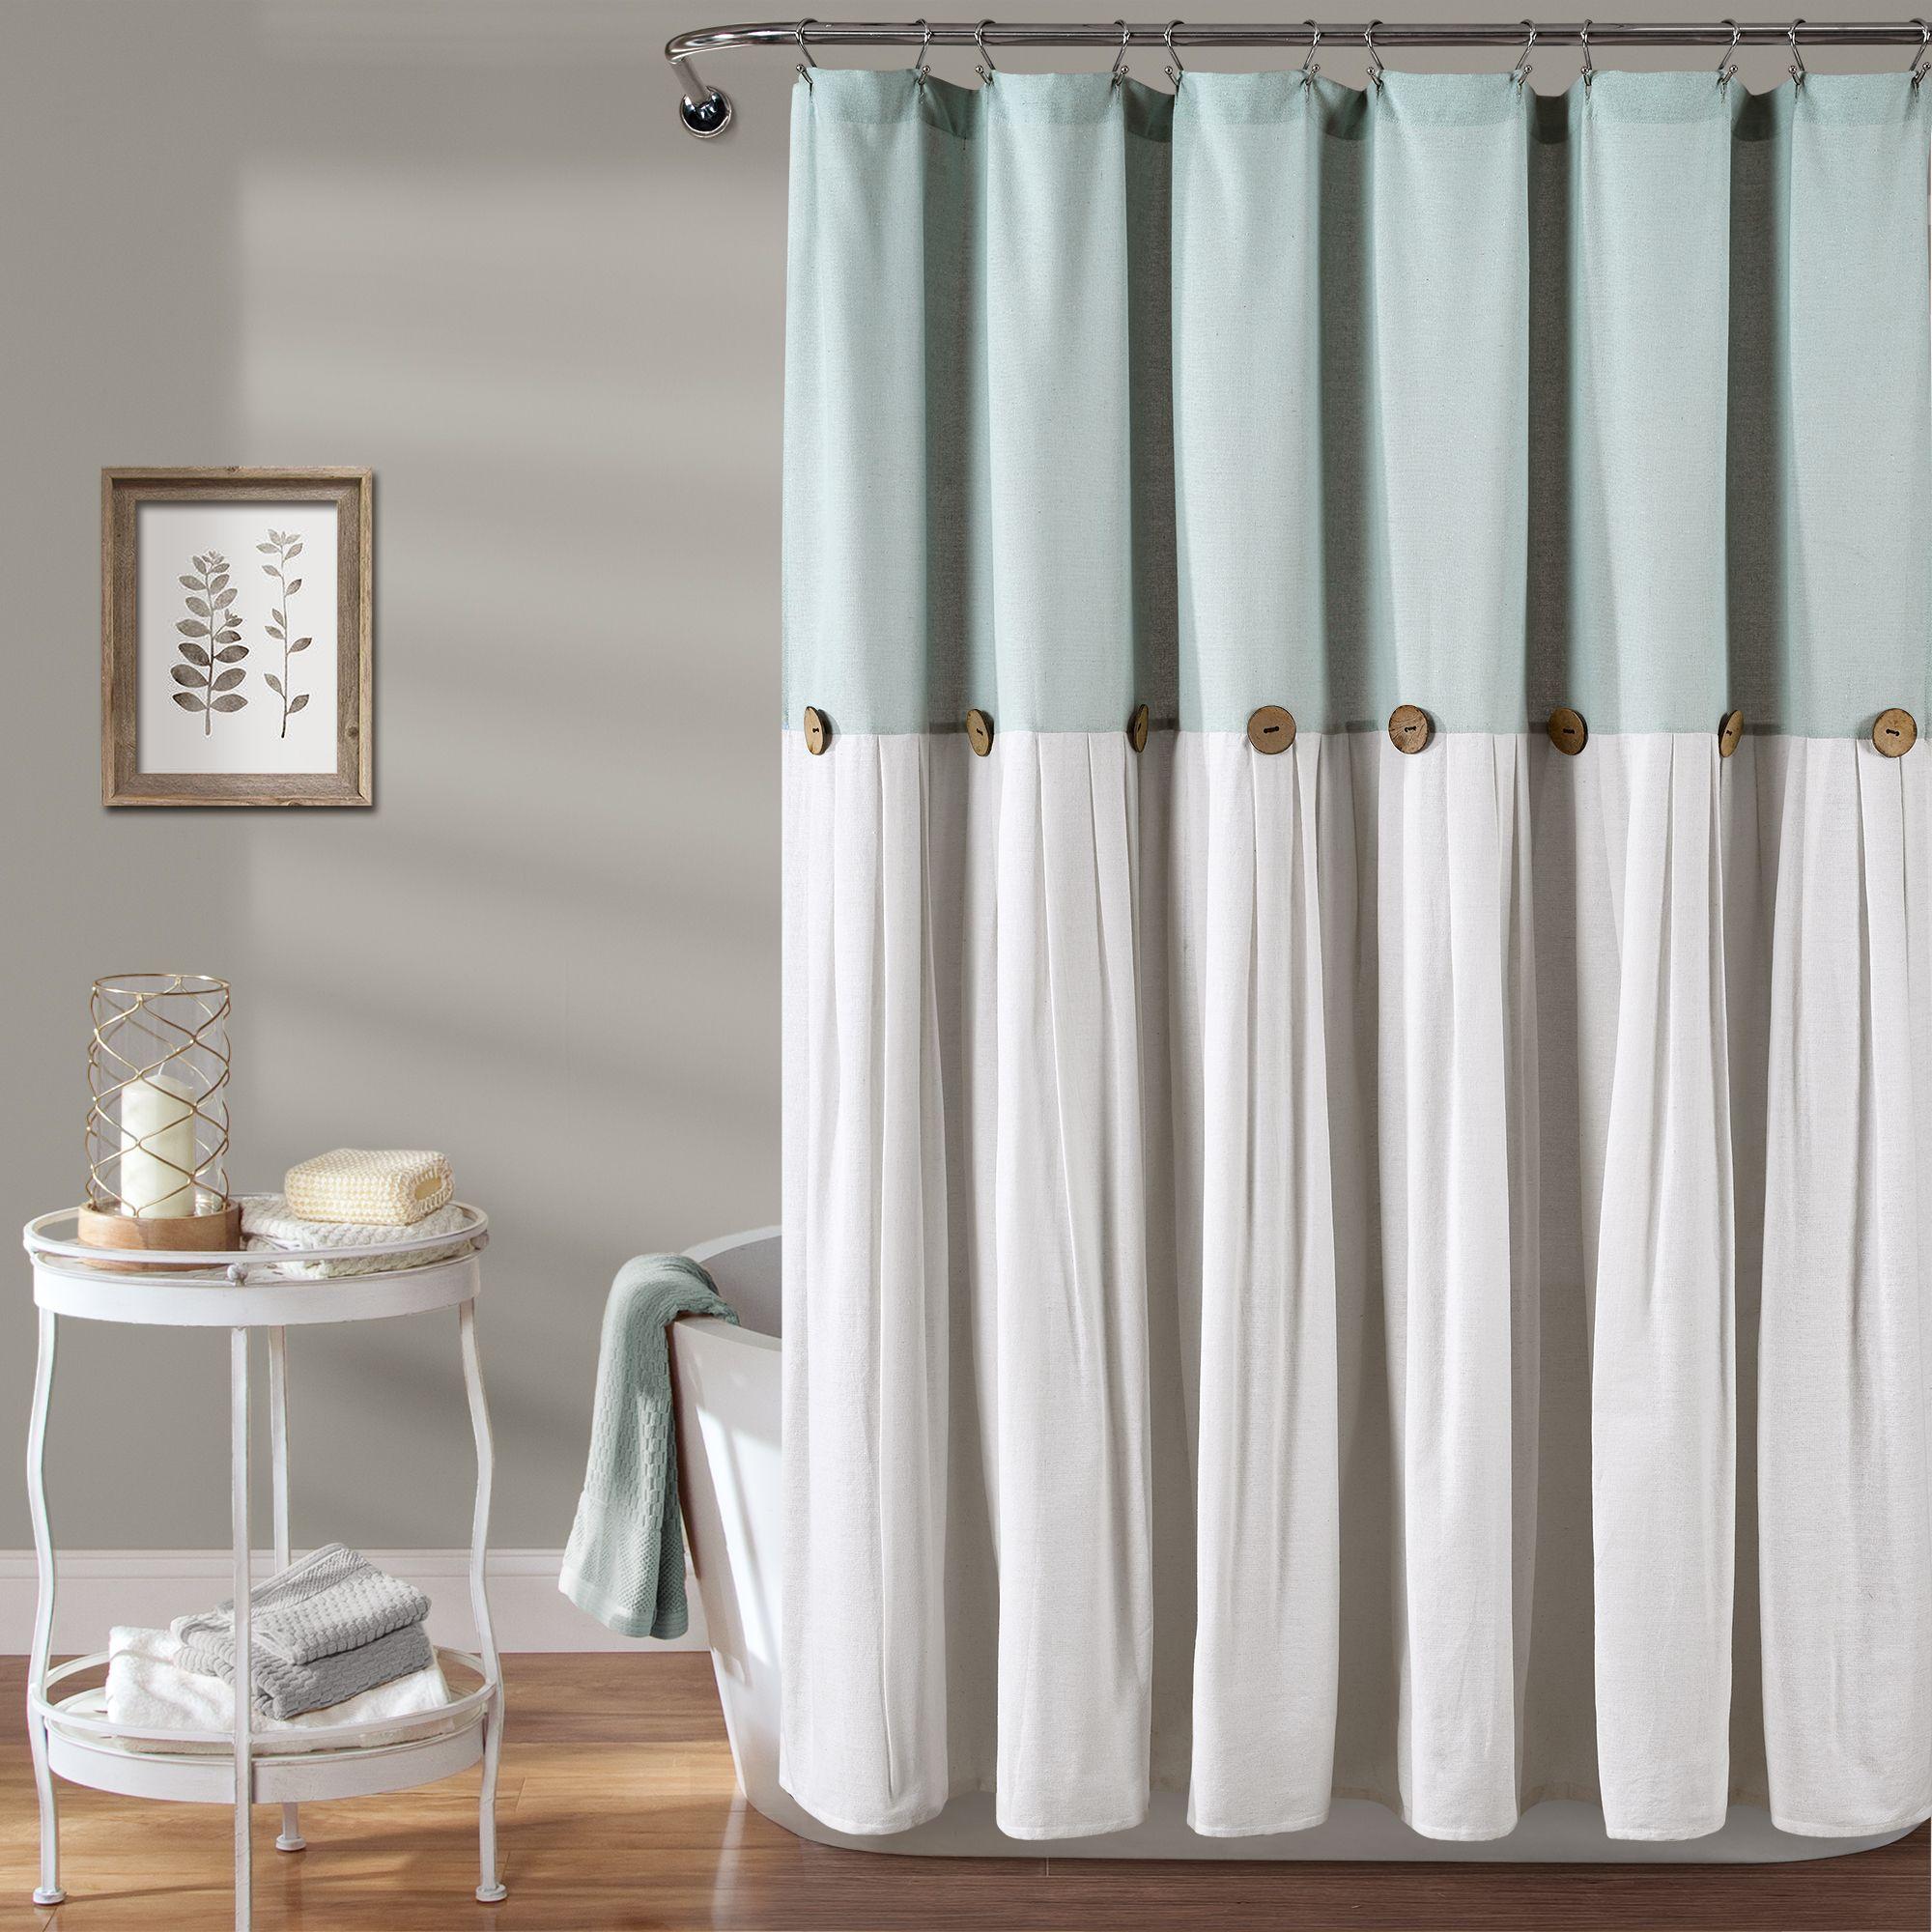 Home Farmhouse Shower Curtain Lush Decor Curtains